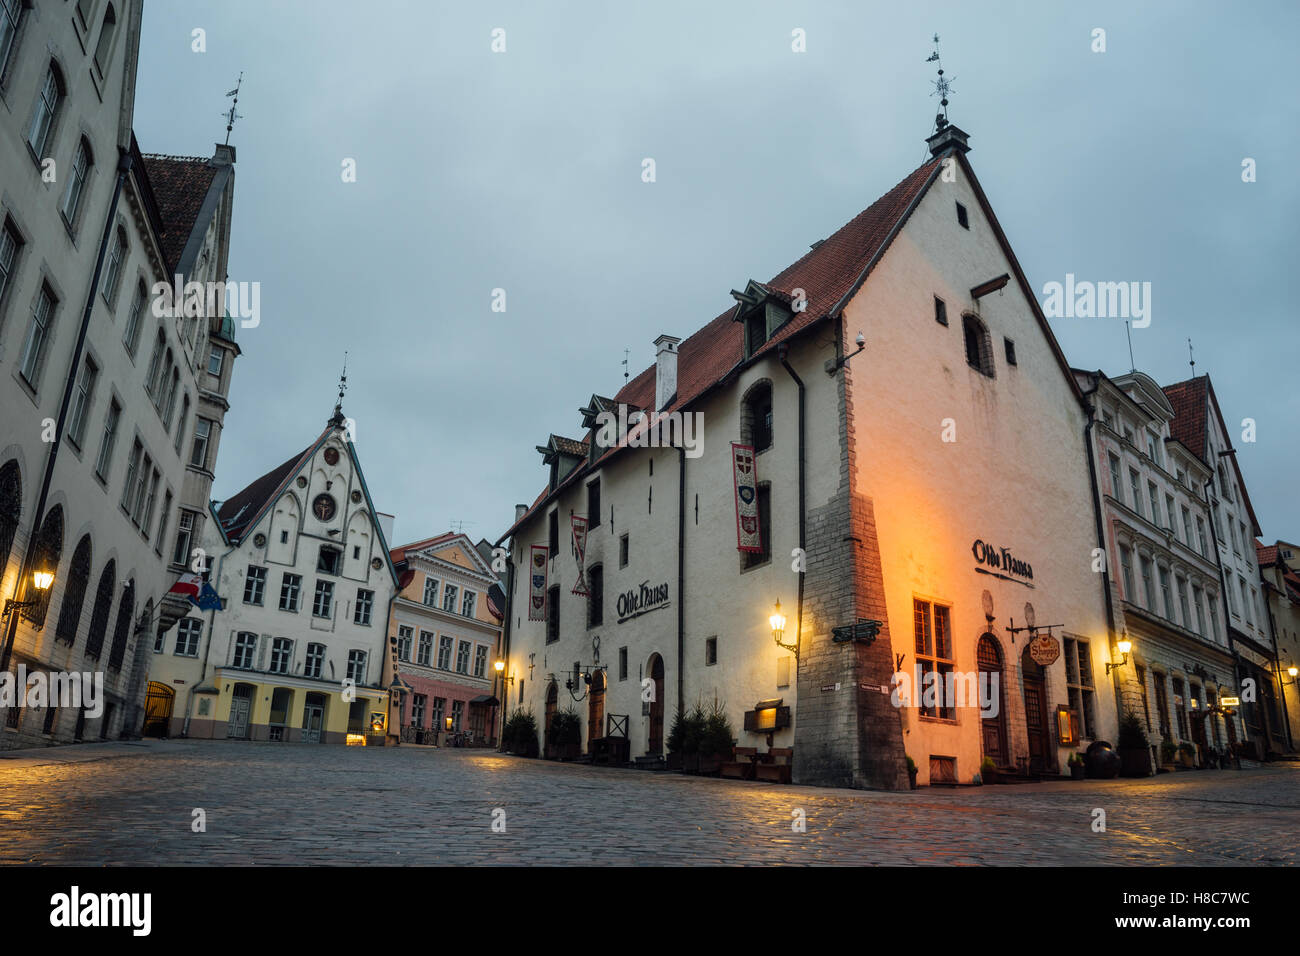 Olde Hansa restaurant building in Old town of Tallinn - Stock Image